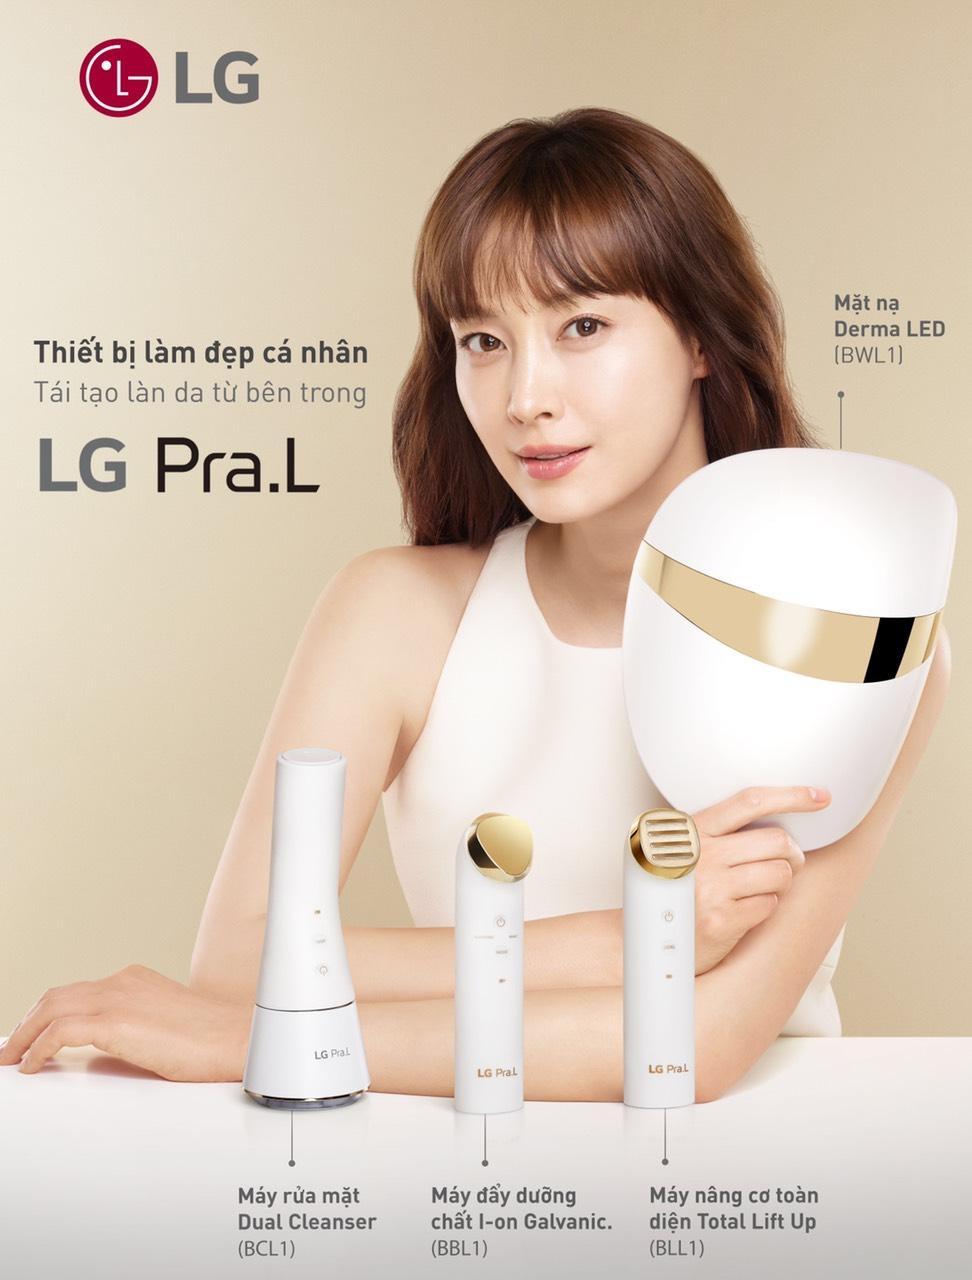 Chăm sóc da mặt hiệu quả cùng mặt nạ derma led LG Pra.L